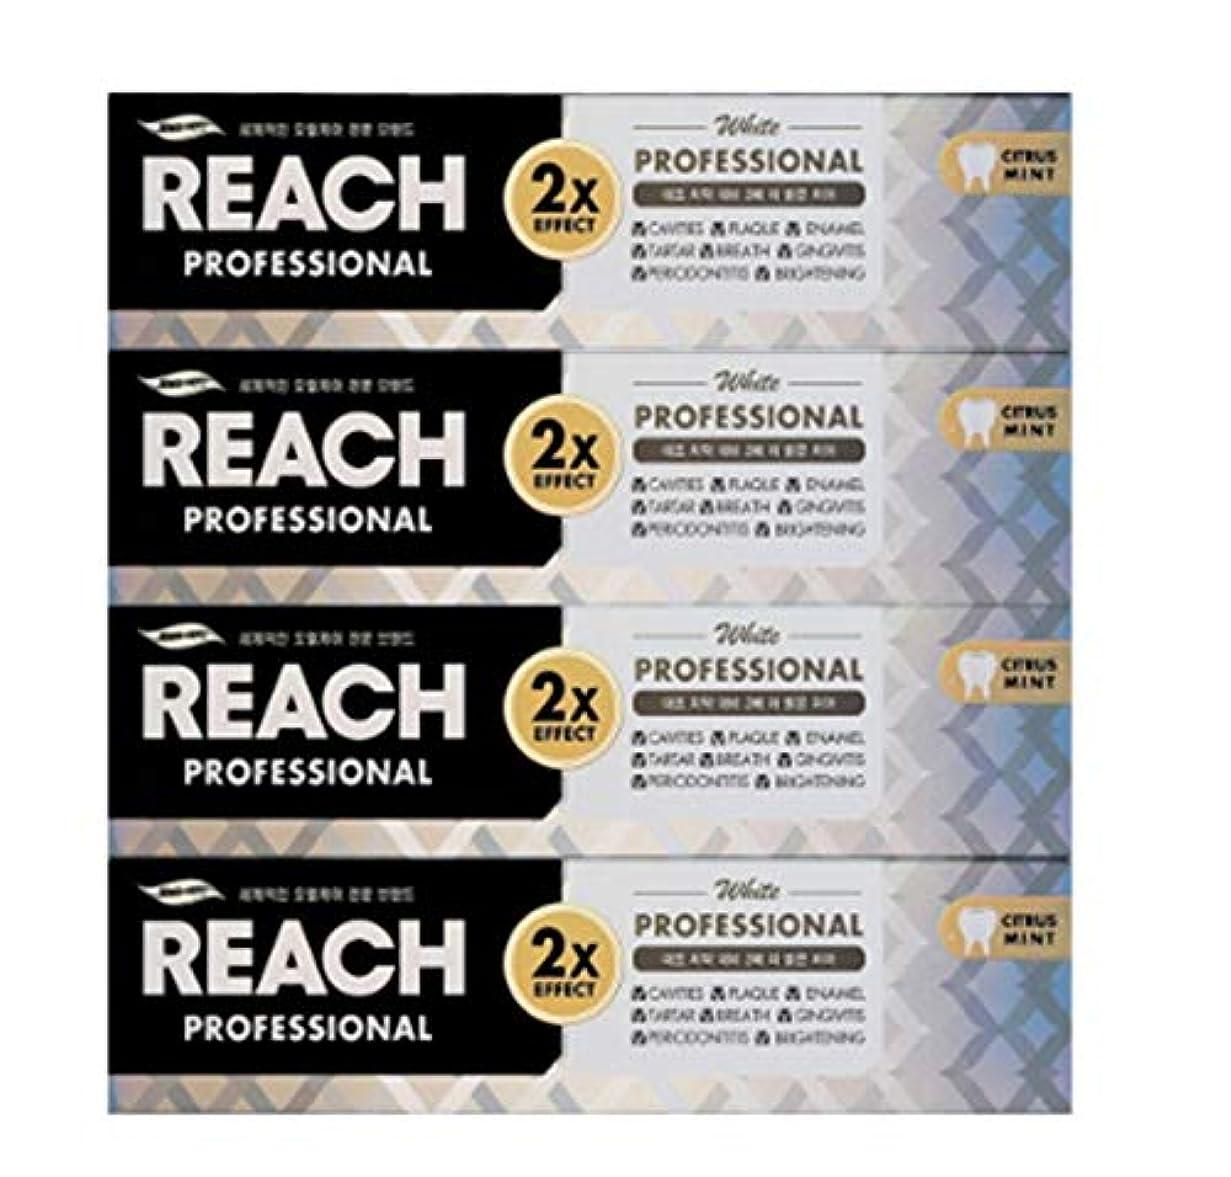 調査袋材料[LG生活と健康] LG Rich Professional toothpaste whiteningリッチ、プロフェッショナル歯磨き粉ホワイトニング120g*4つの(海外直送品)